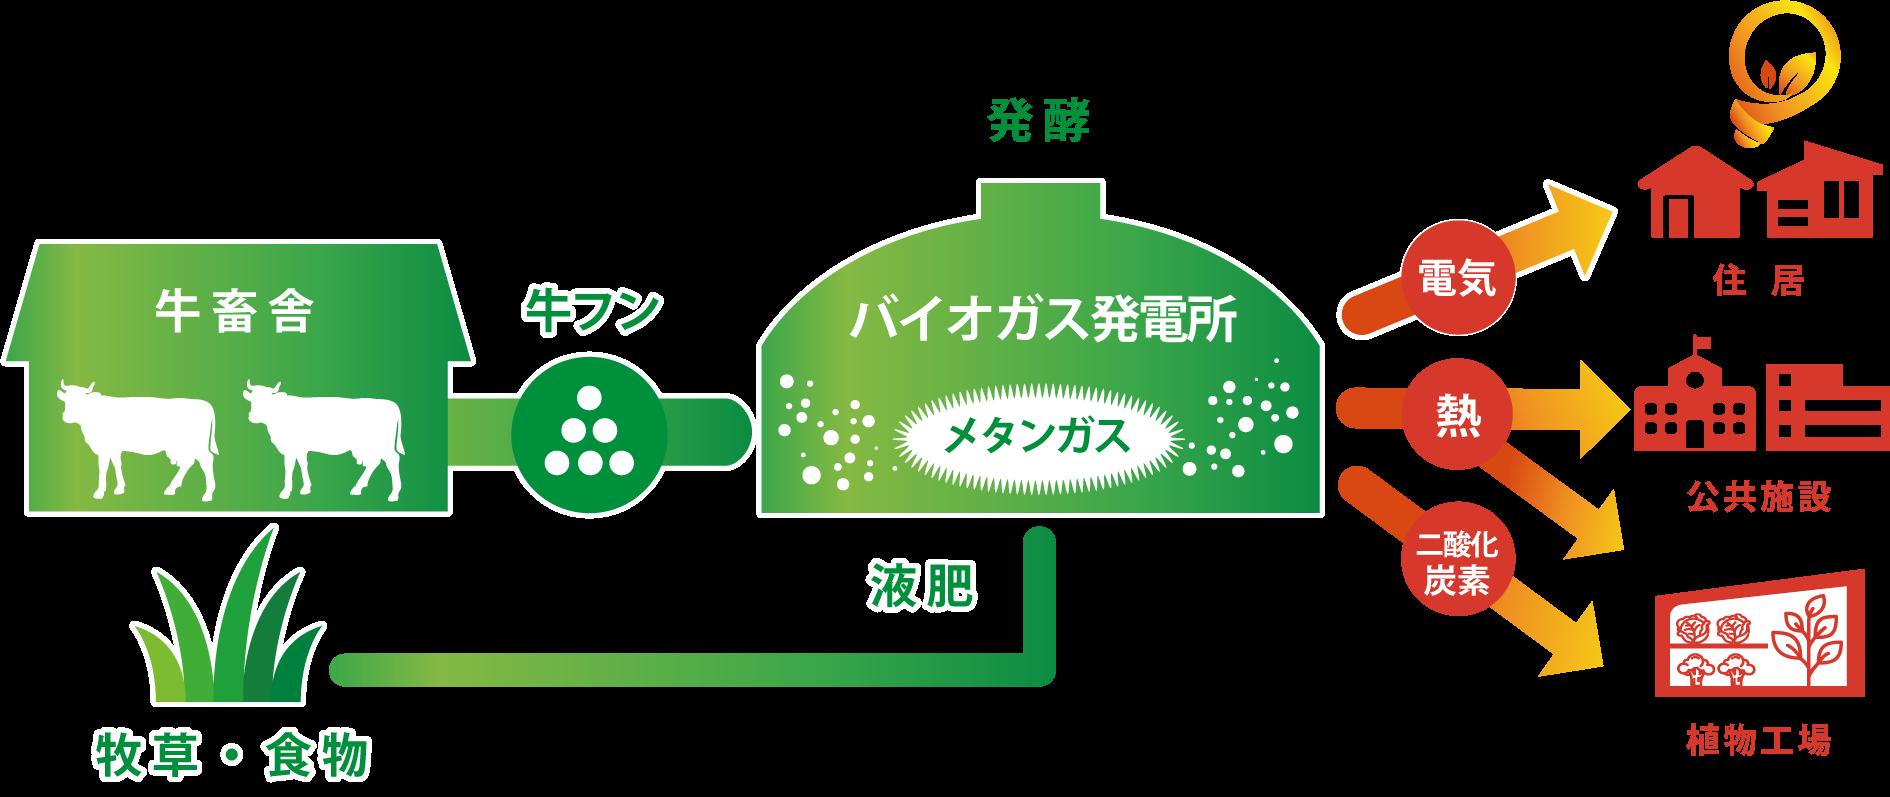 バイオガス発電のイメージ図